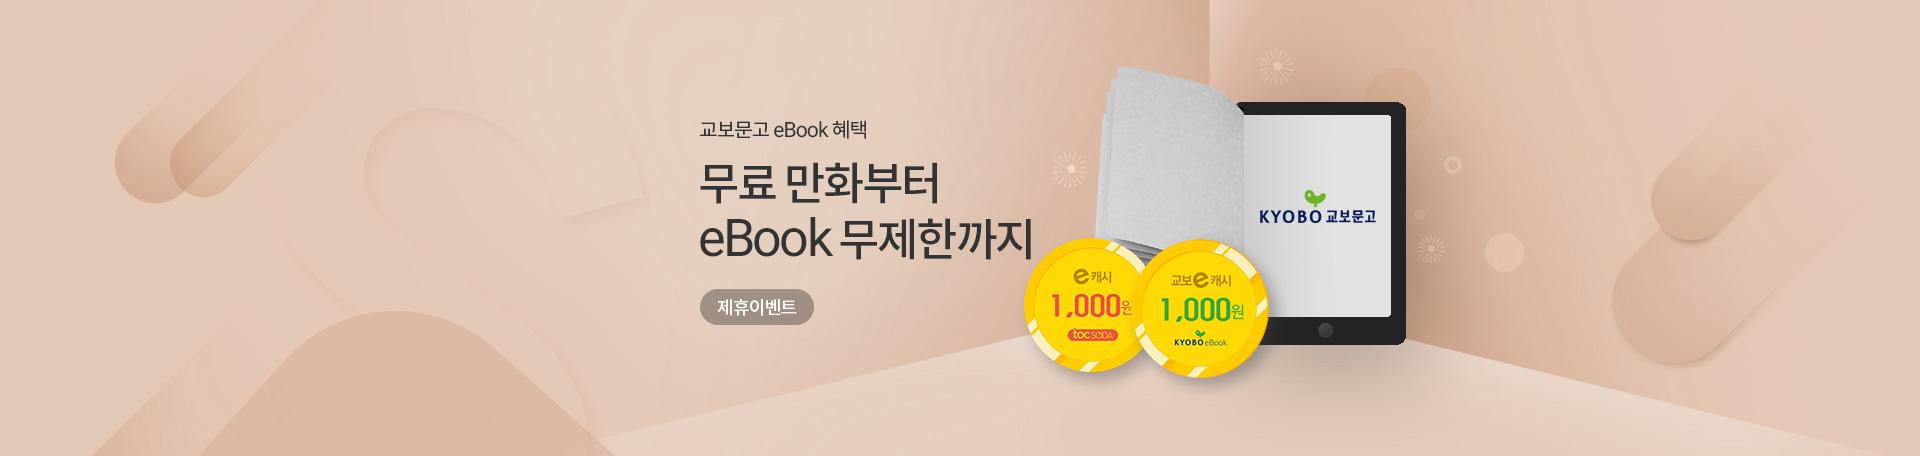 교보문고 eBook 혜택